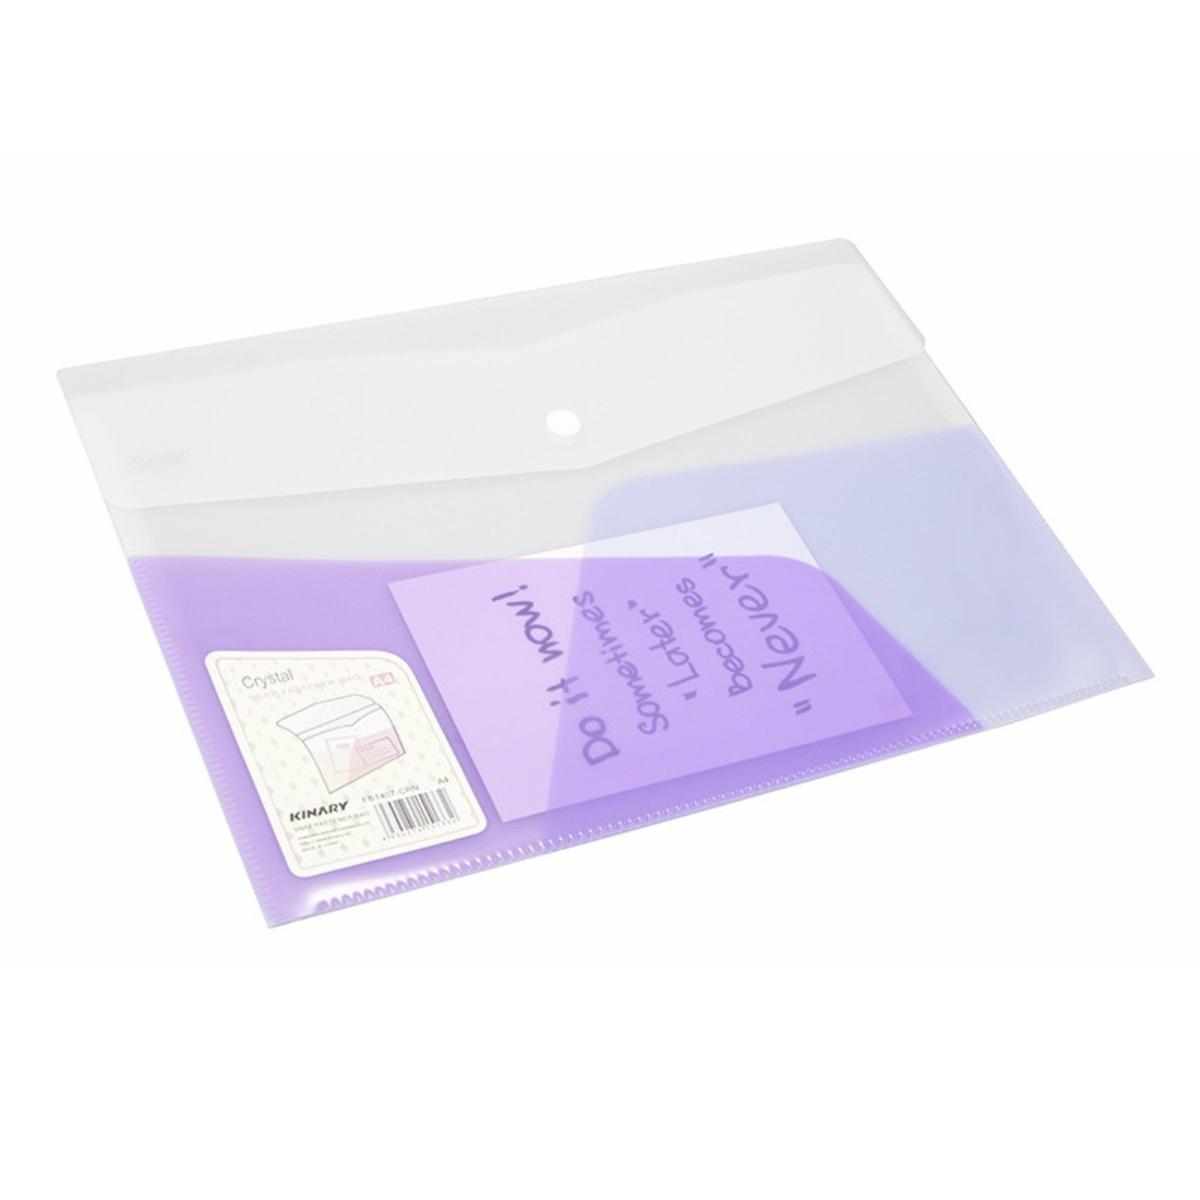 תיק מעטפה 2 כיסים-Kinary מעורב צבעים